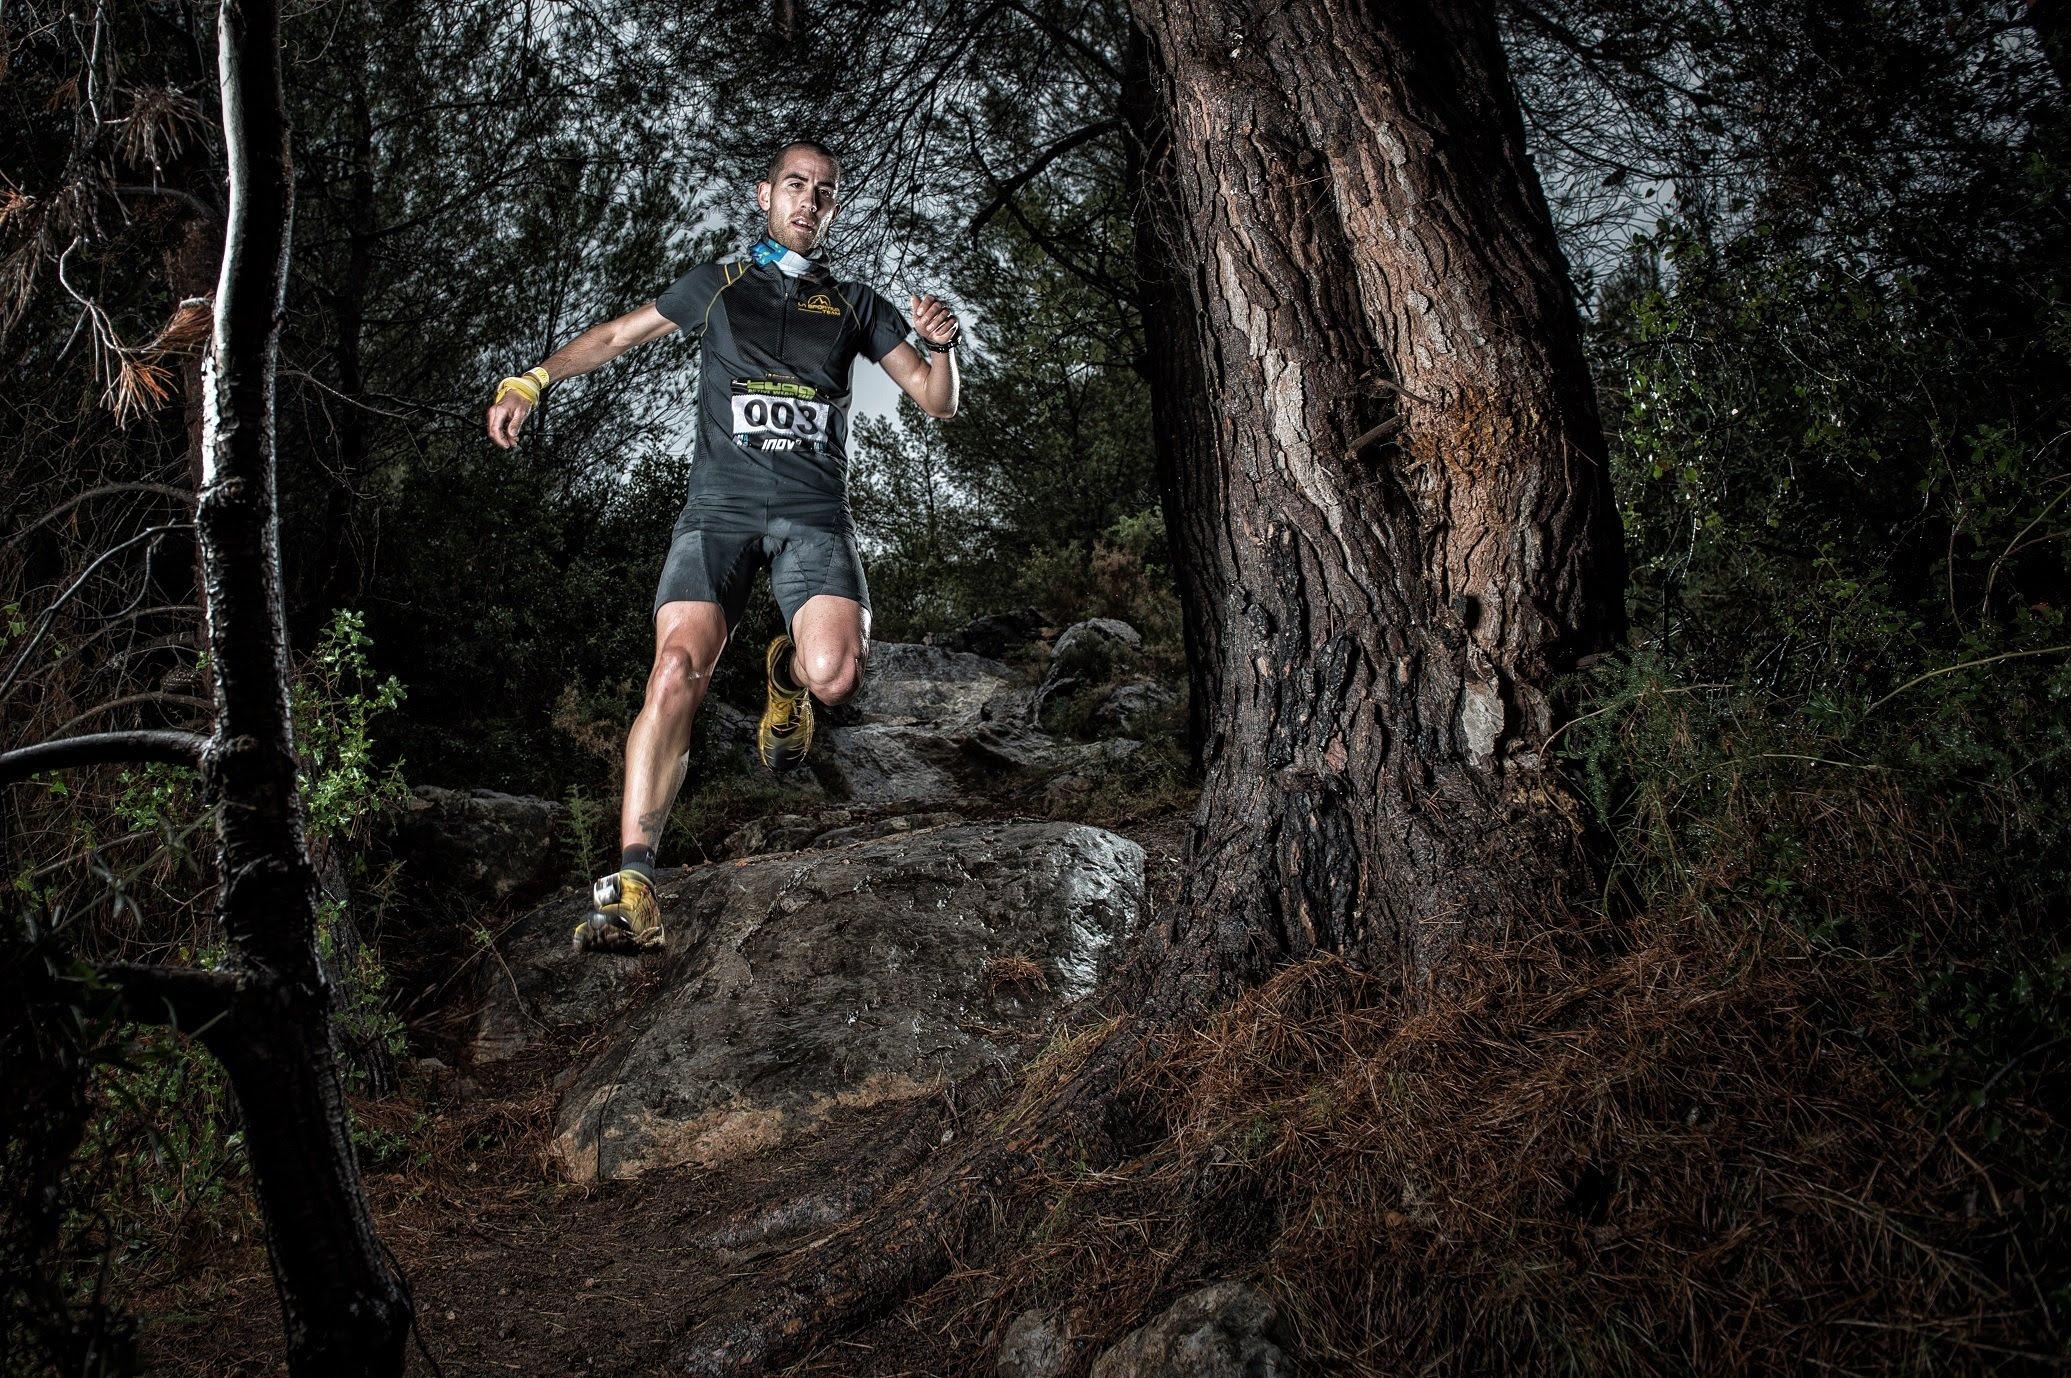 El Skyrunning National Championship Sky se decide en la Marat� de Muntanya de Borriol